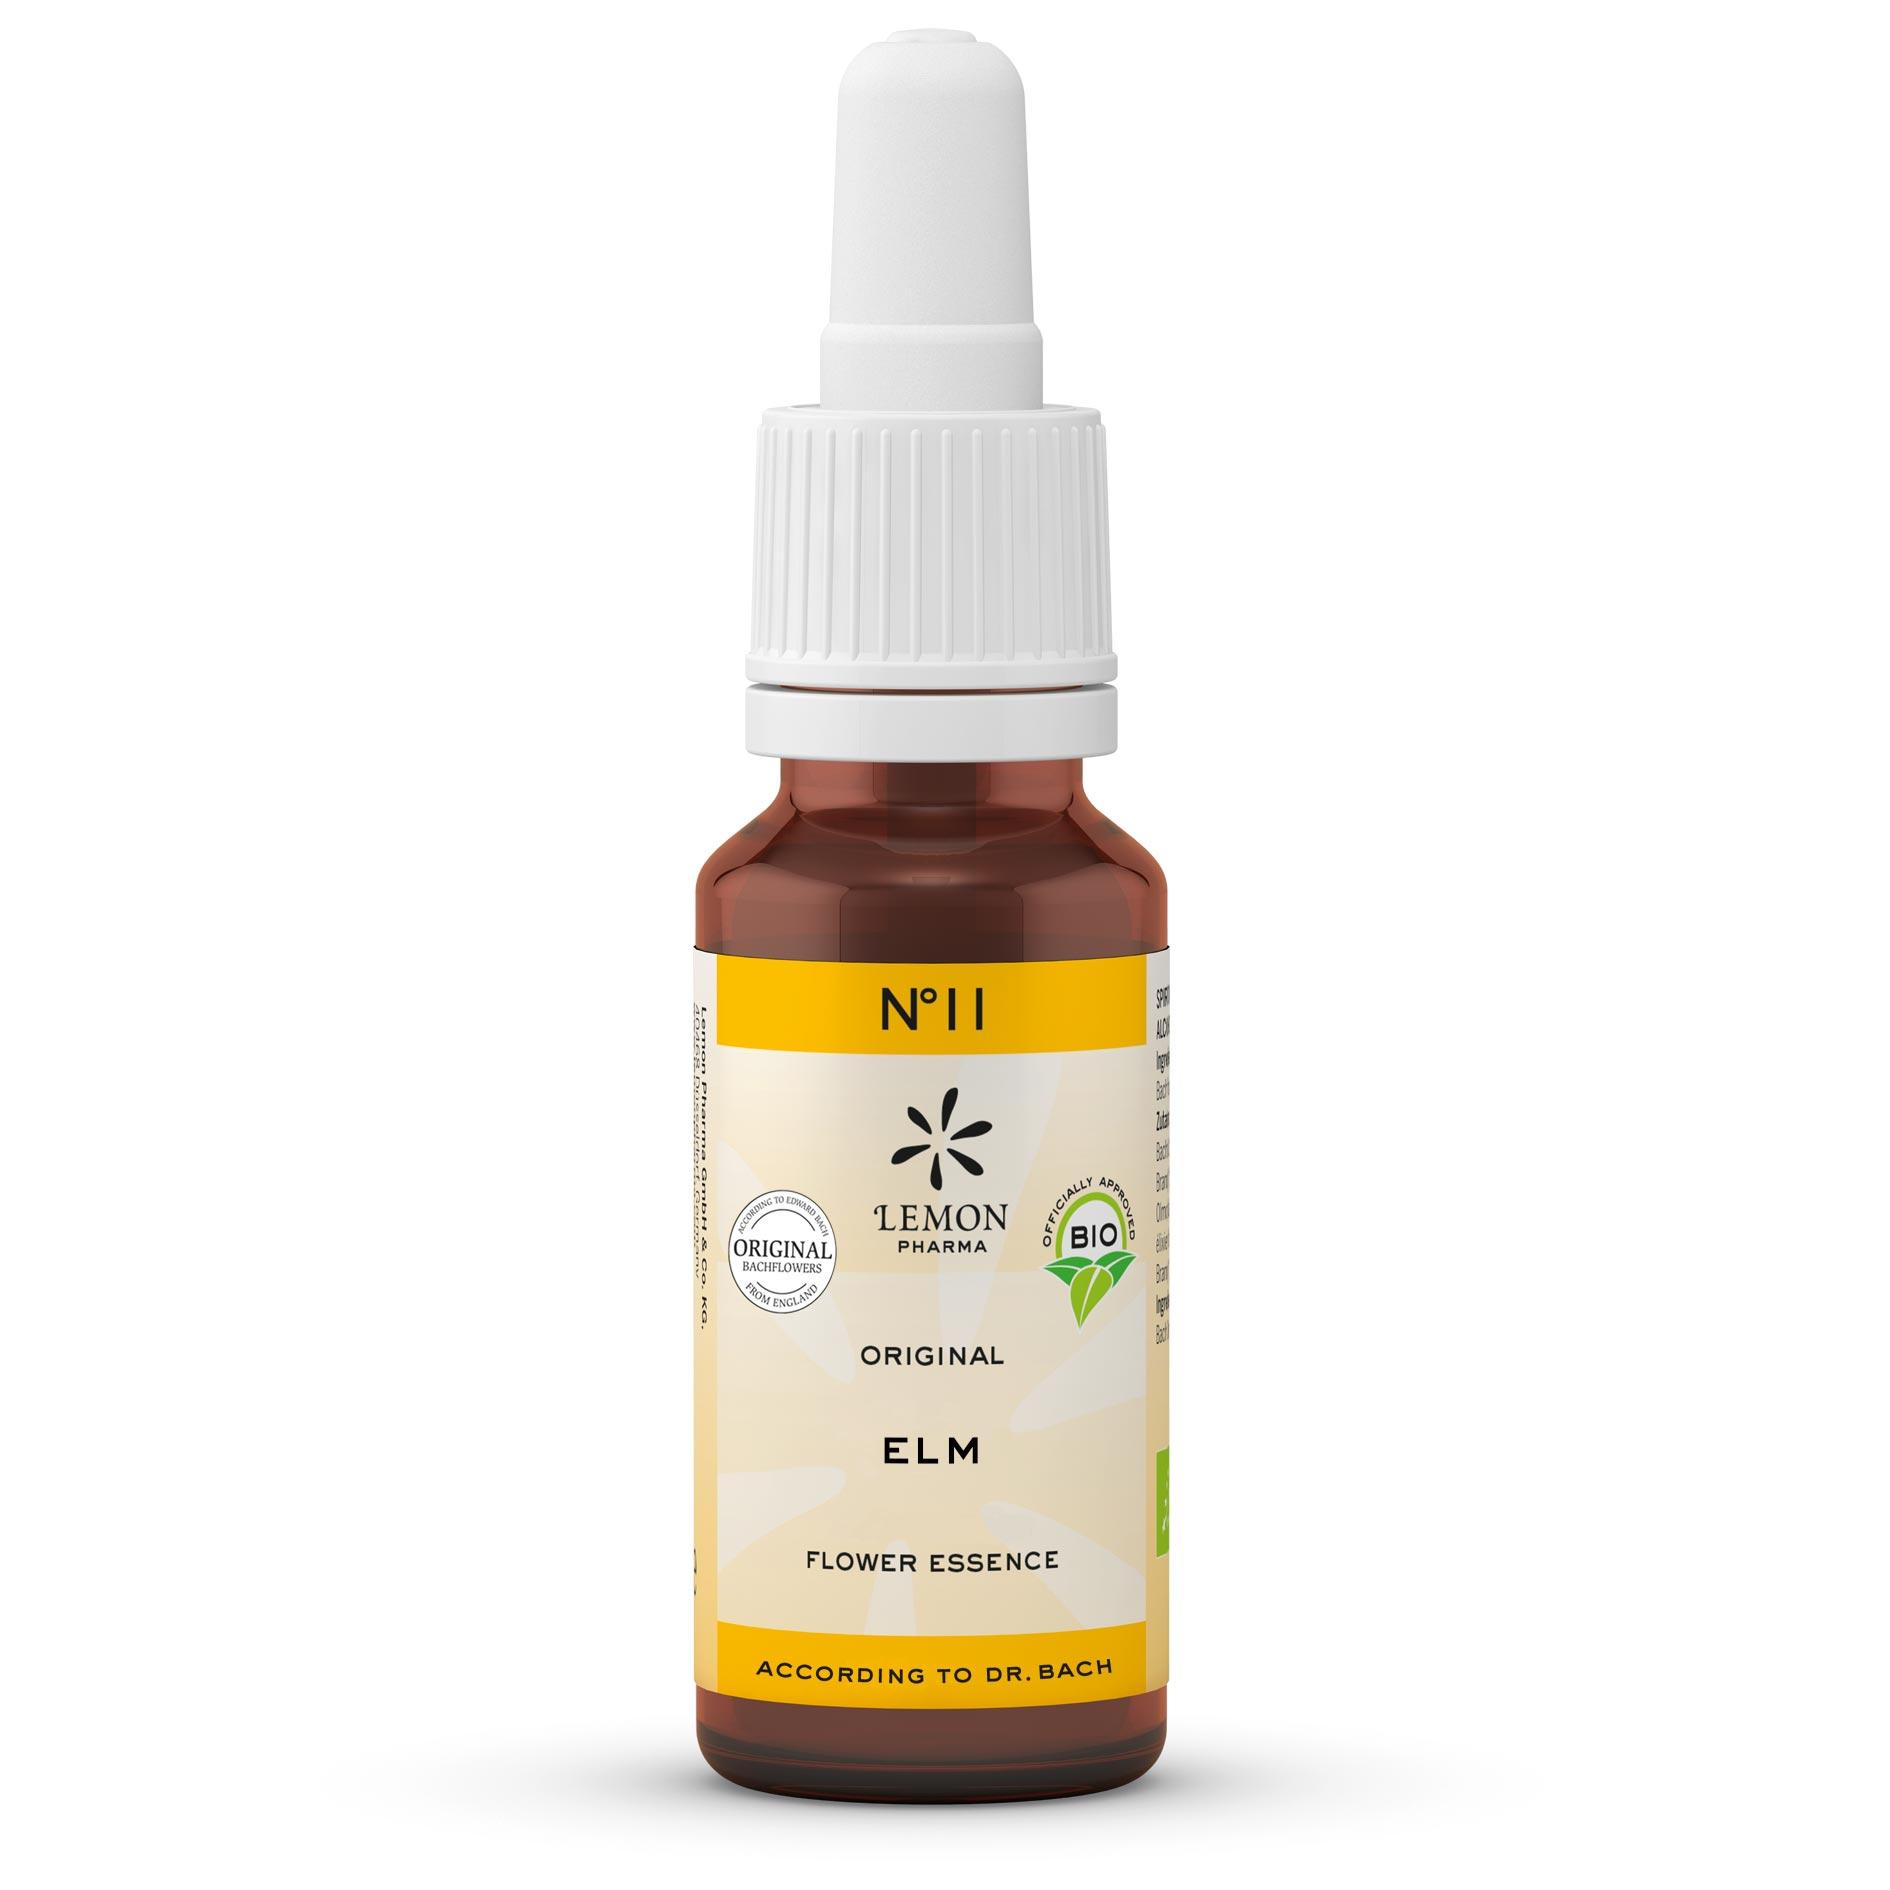 Lemon Pharma Original Bachblüten Tropfen Nr 11 Elm Ulme Inneren Harmonie